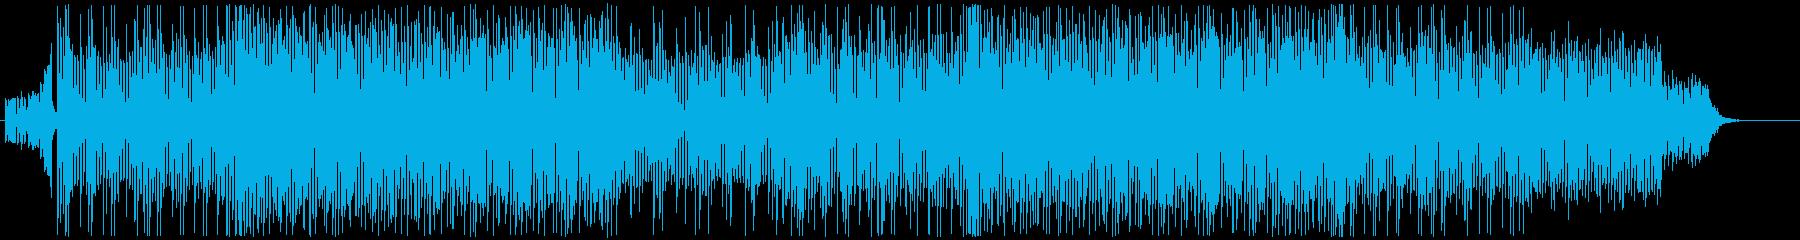 シンセ中心の緊迫感溢れる劇伴系BGMの再生済みの波形